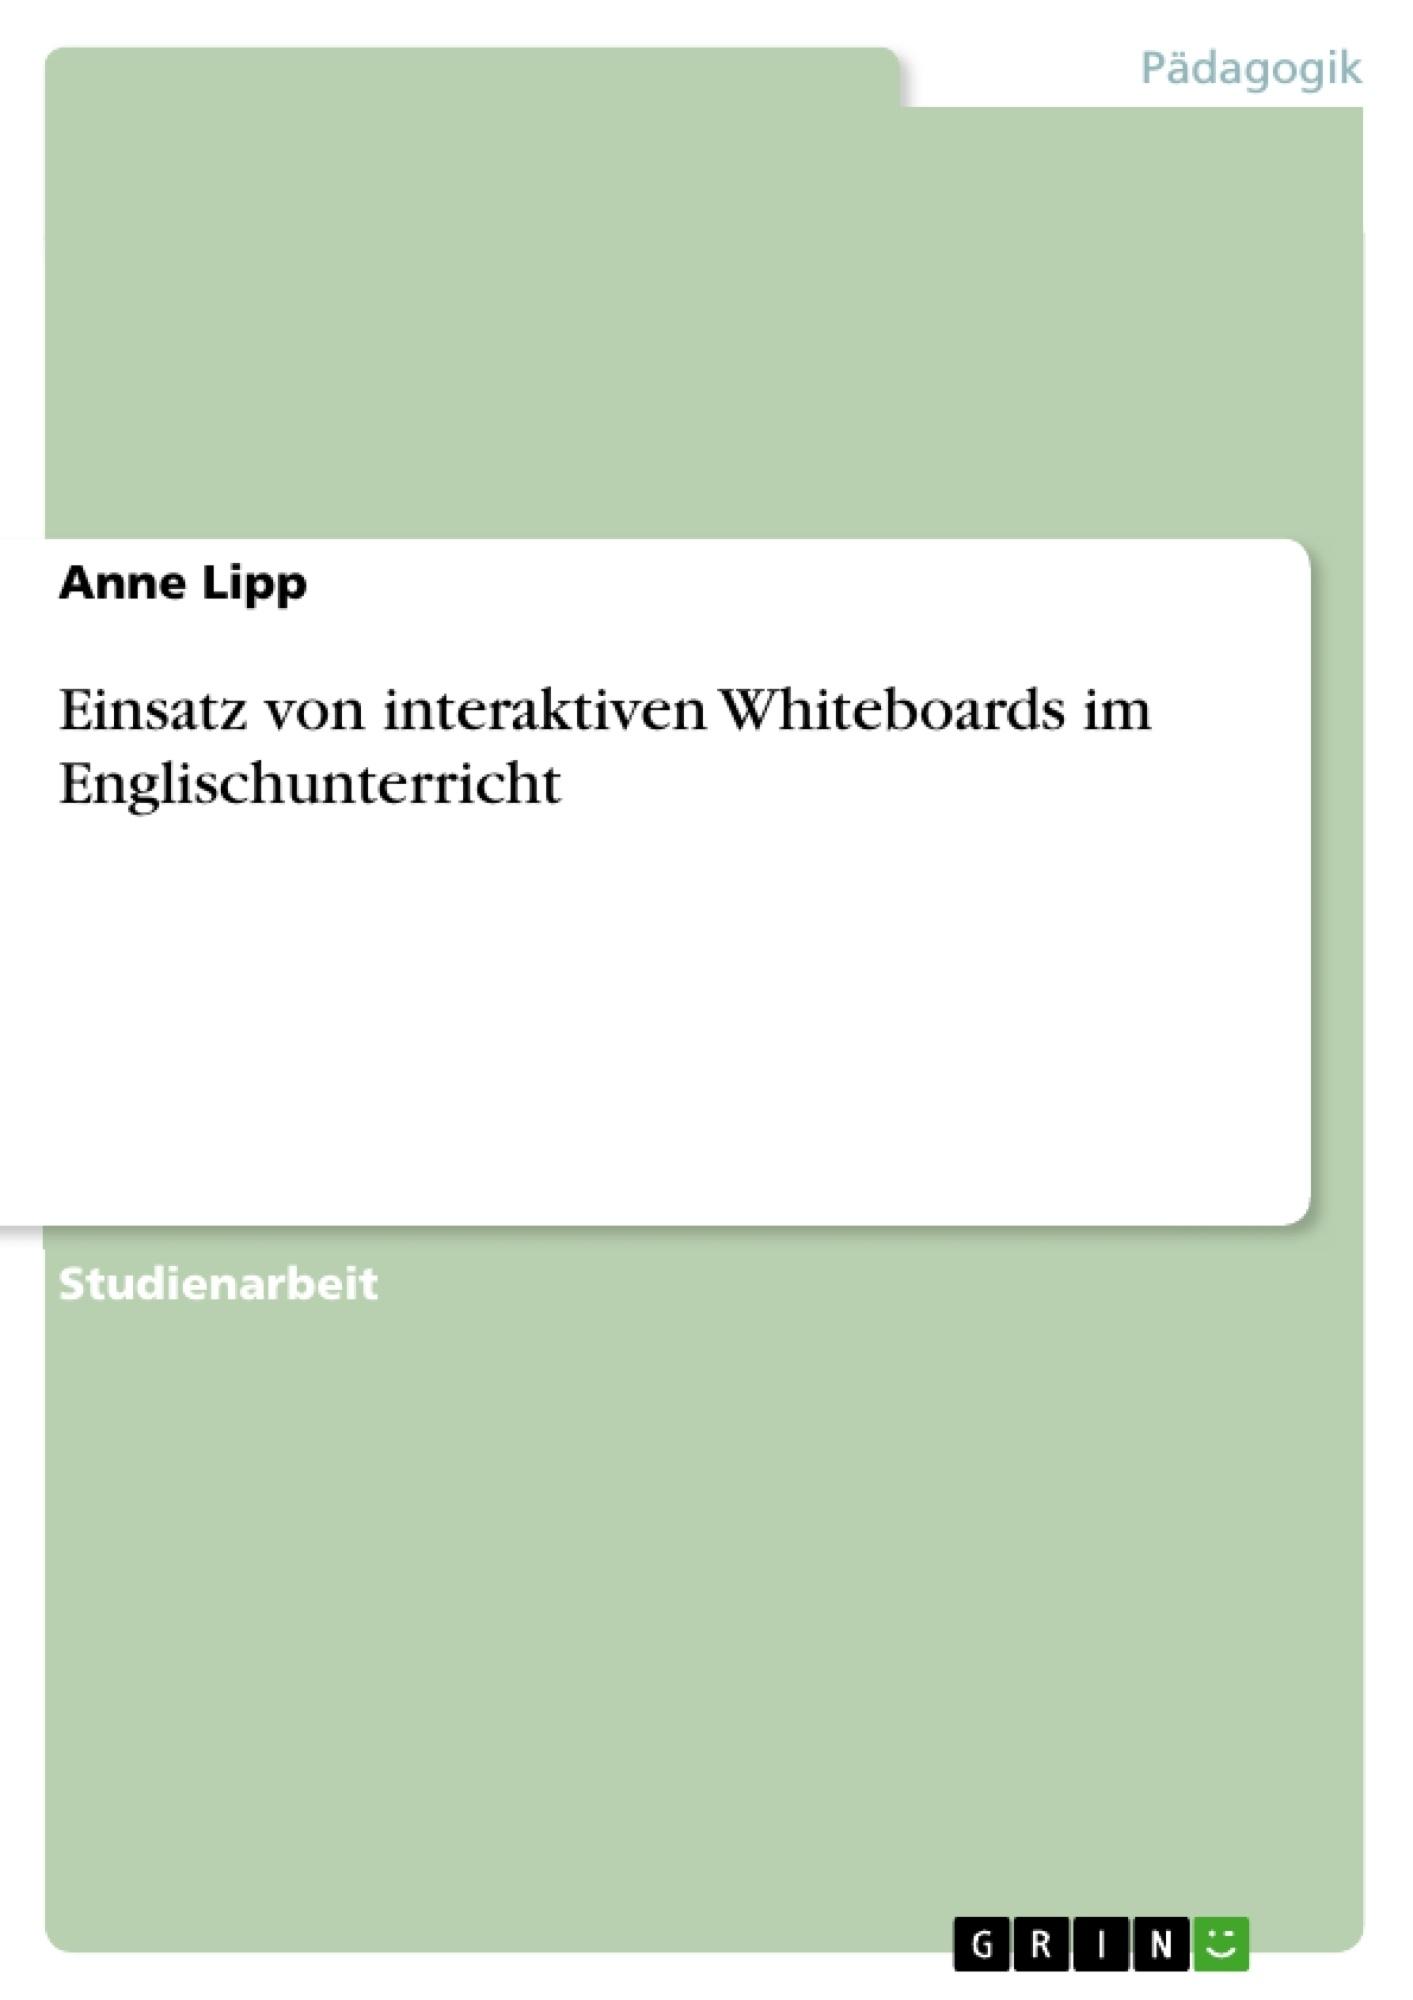 Titel: Einsatz von interaktiven Whiteboards im Englischunterricht